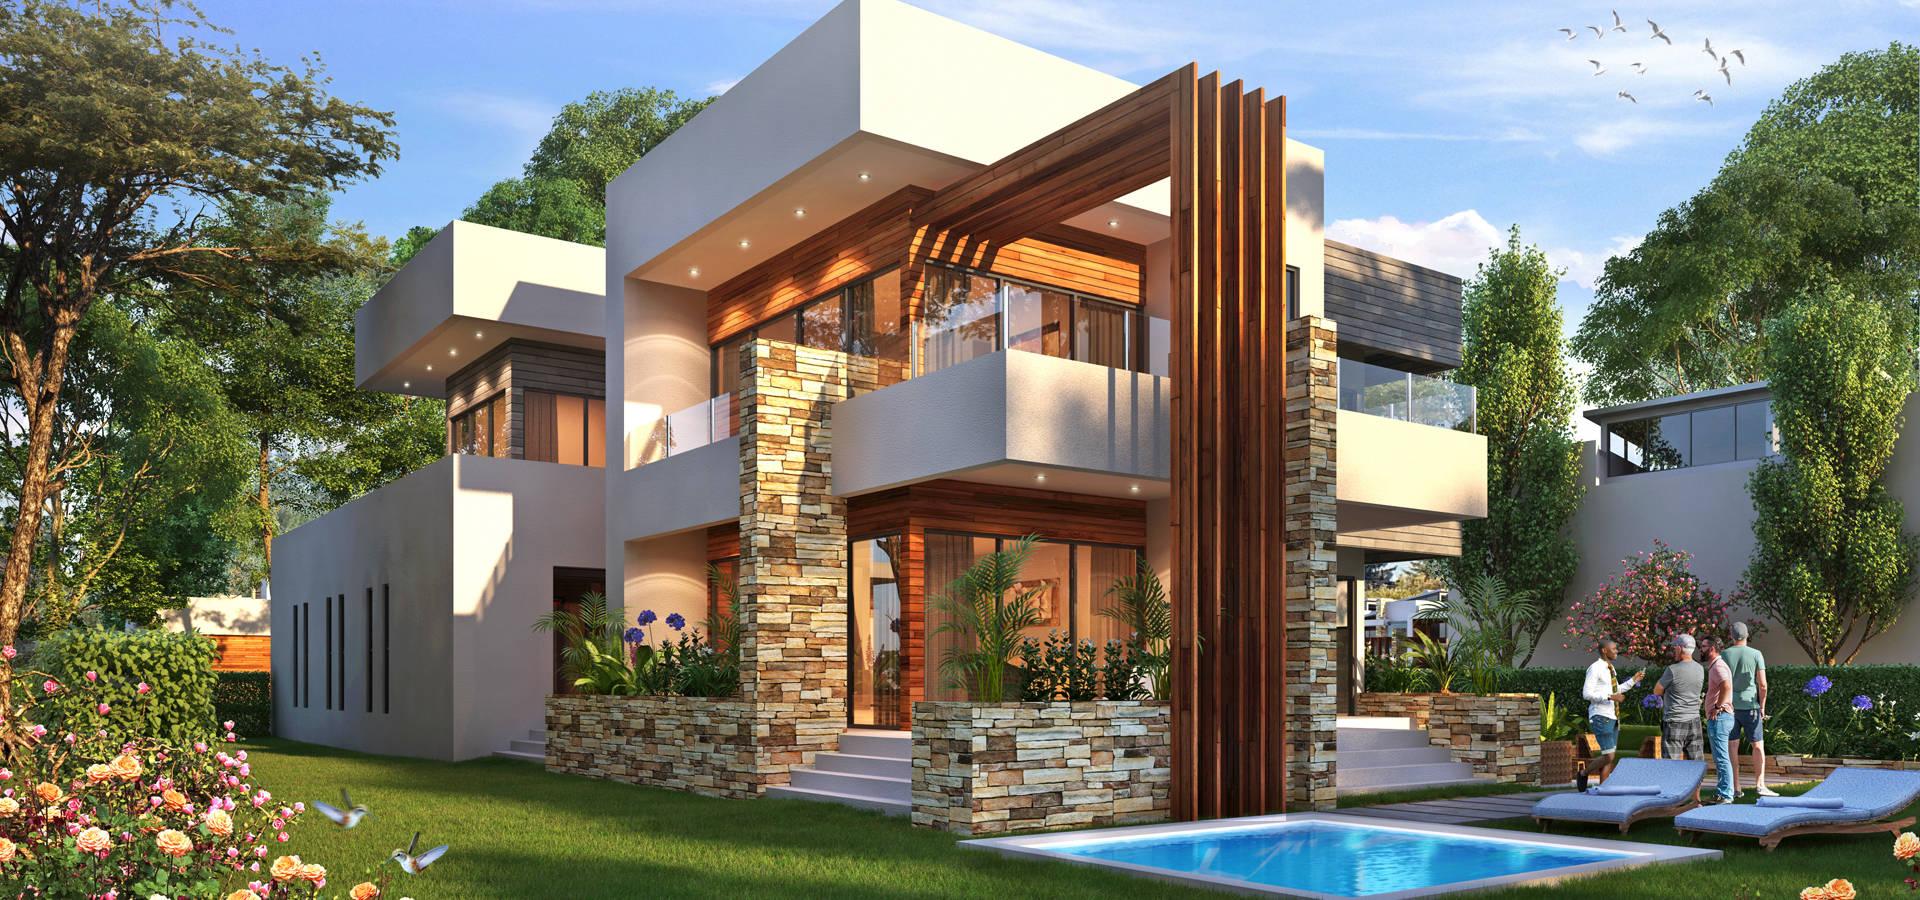 D3D Architectural Visualisation